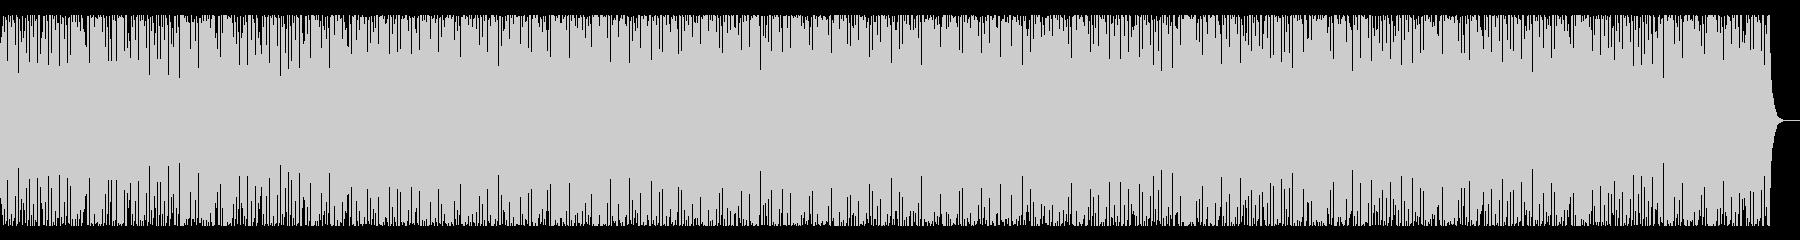 抑揚があまりない4つ打ち曲の未再生の波形